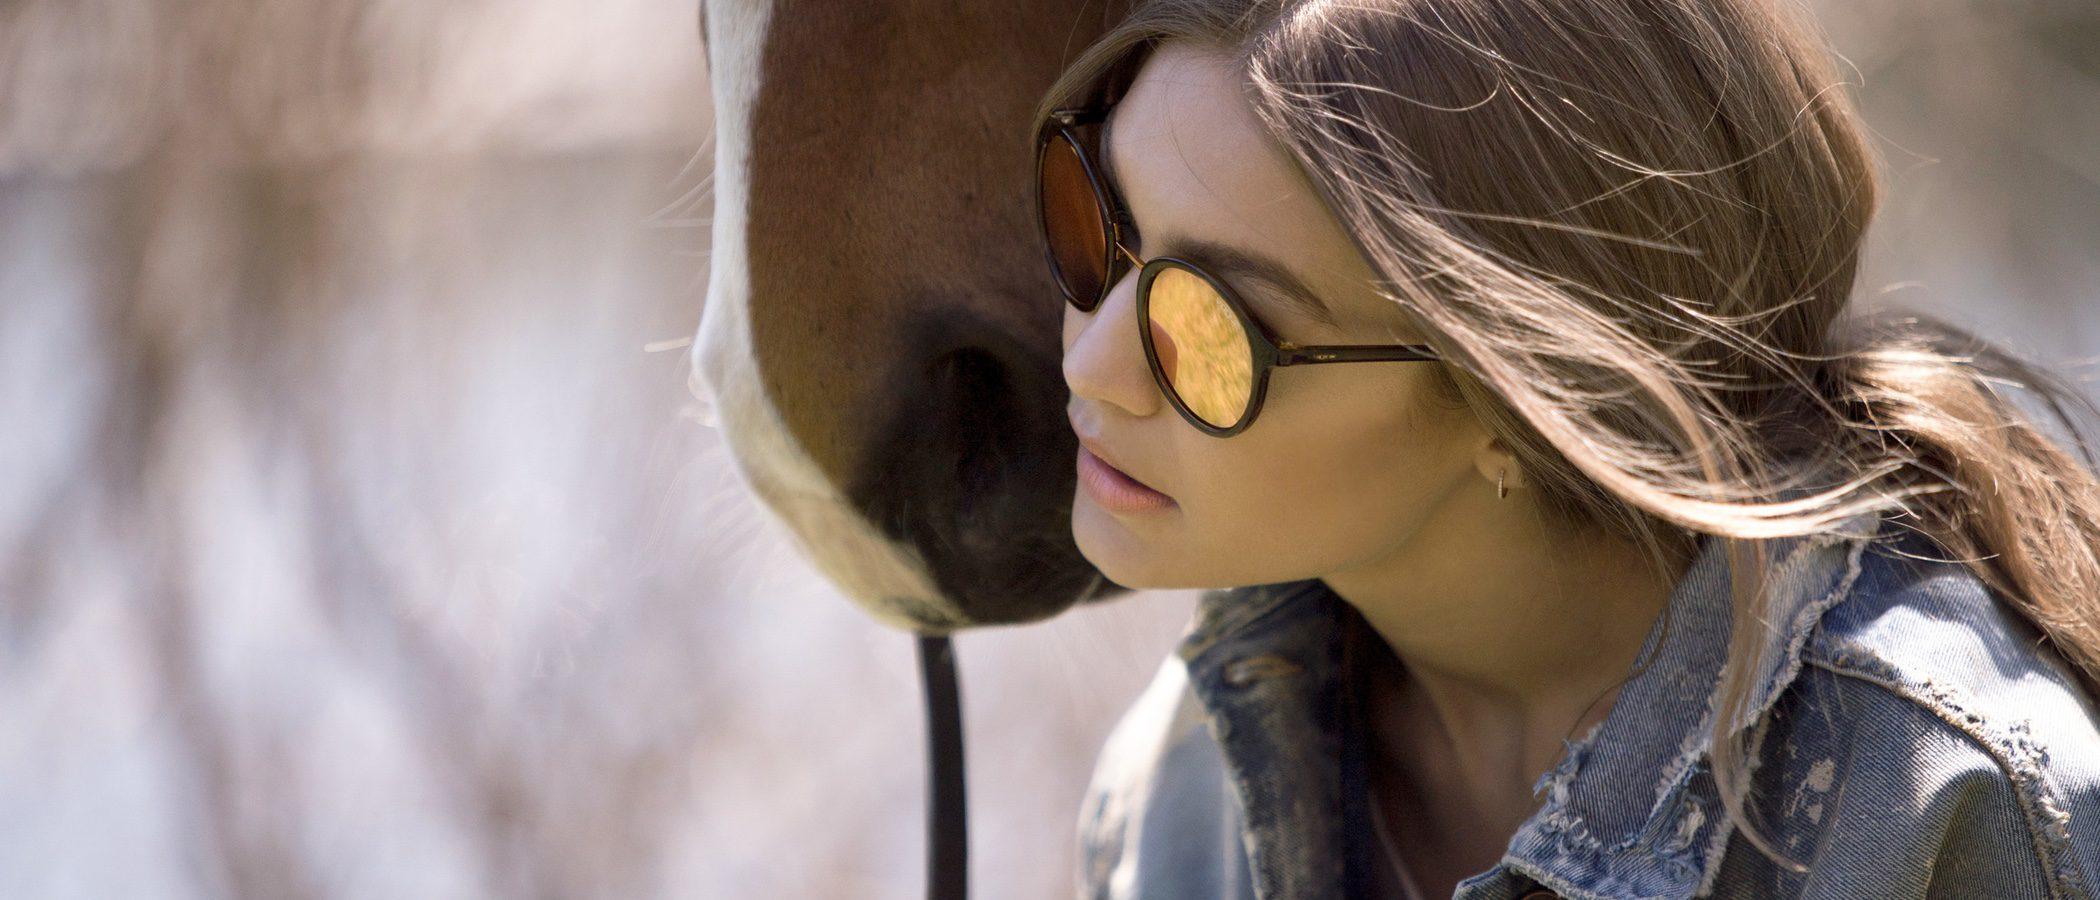 Gigi Hadid lanza su propa colección de gafas 'Gigi Hadid for Vogue Eyewear'